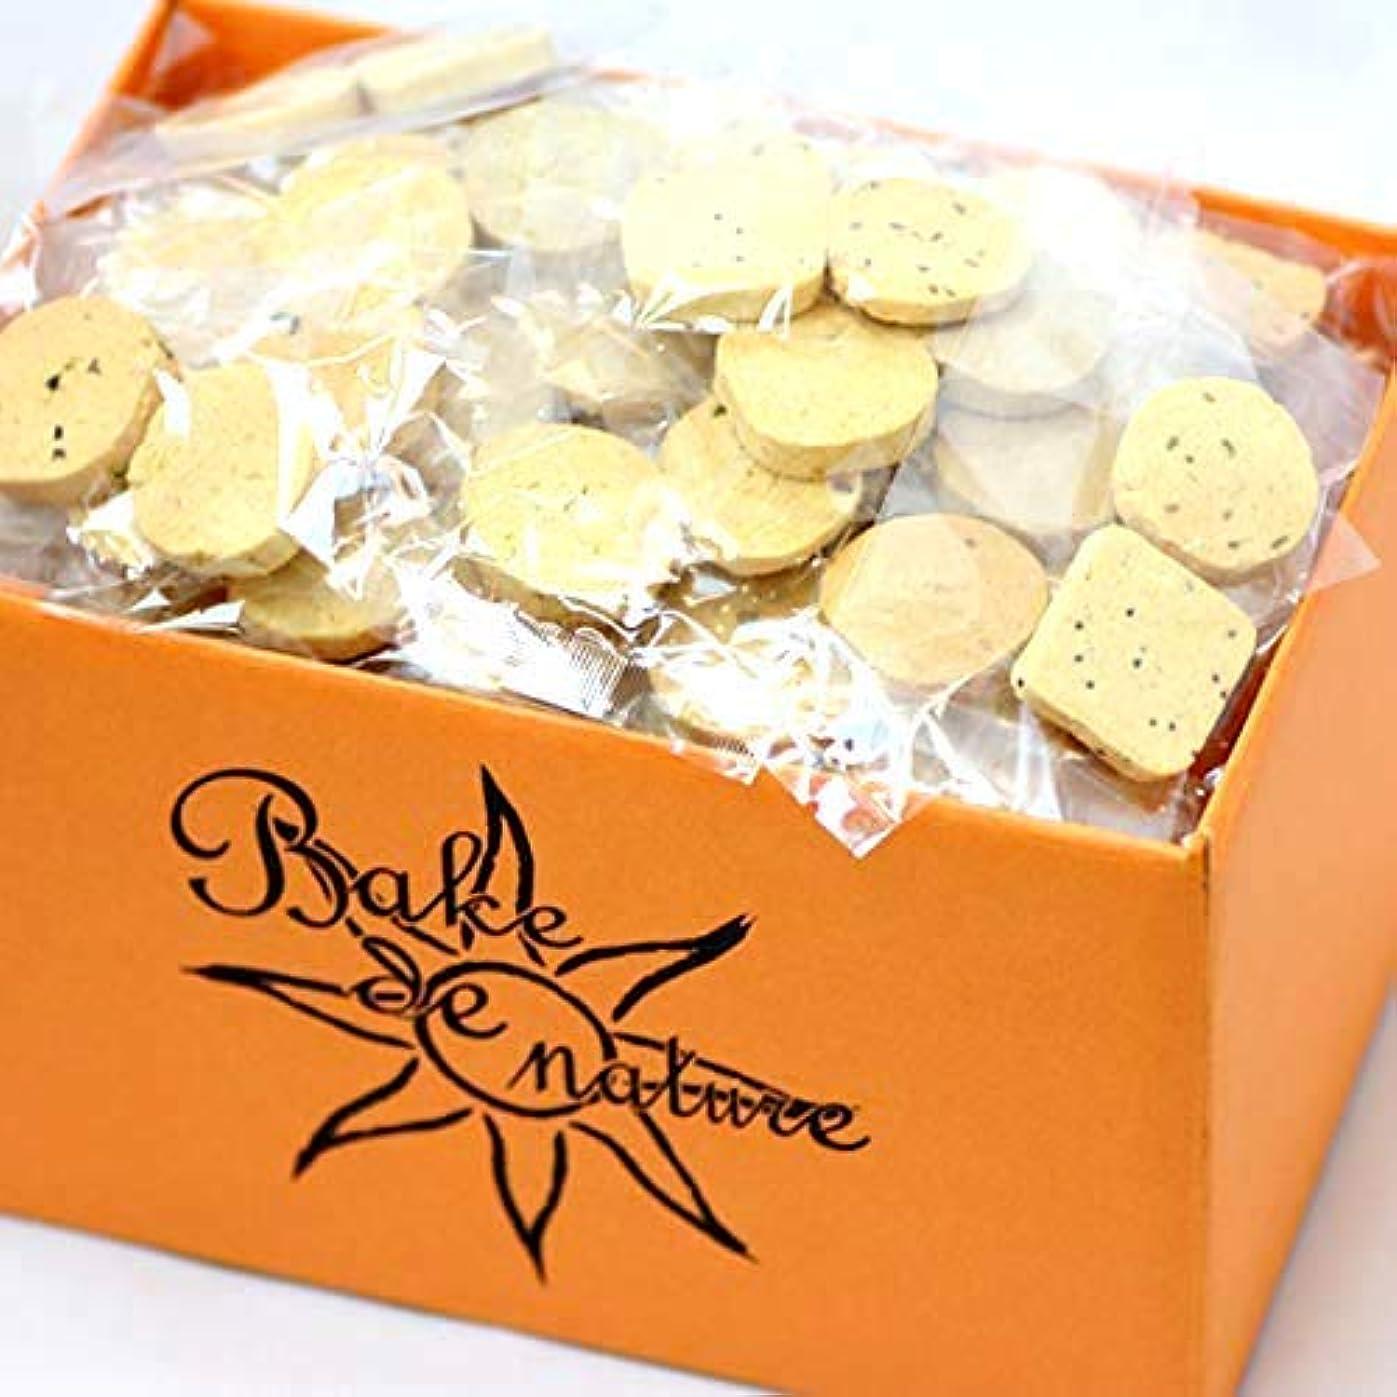 ごちそうドライ受動的スーパーフード豆乳おからクッキー (10種類MIX) 1袋 1kg (個包装) 小麦粉不使用のダイエットクッキー